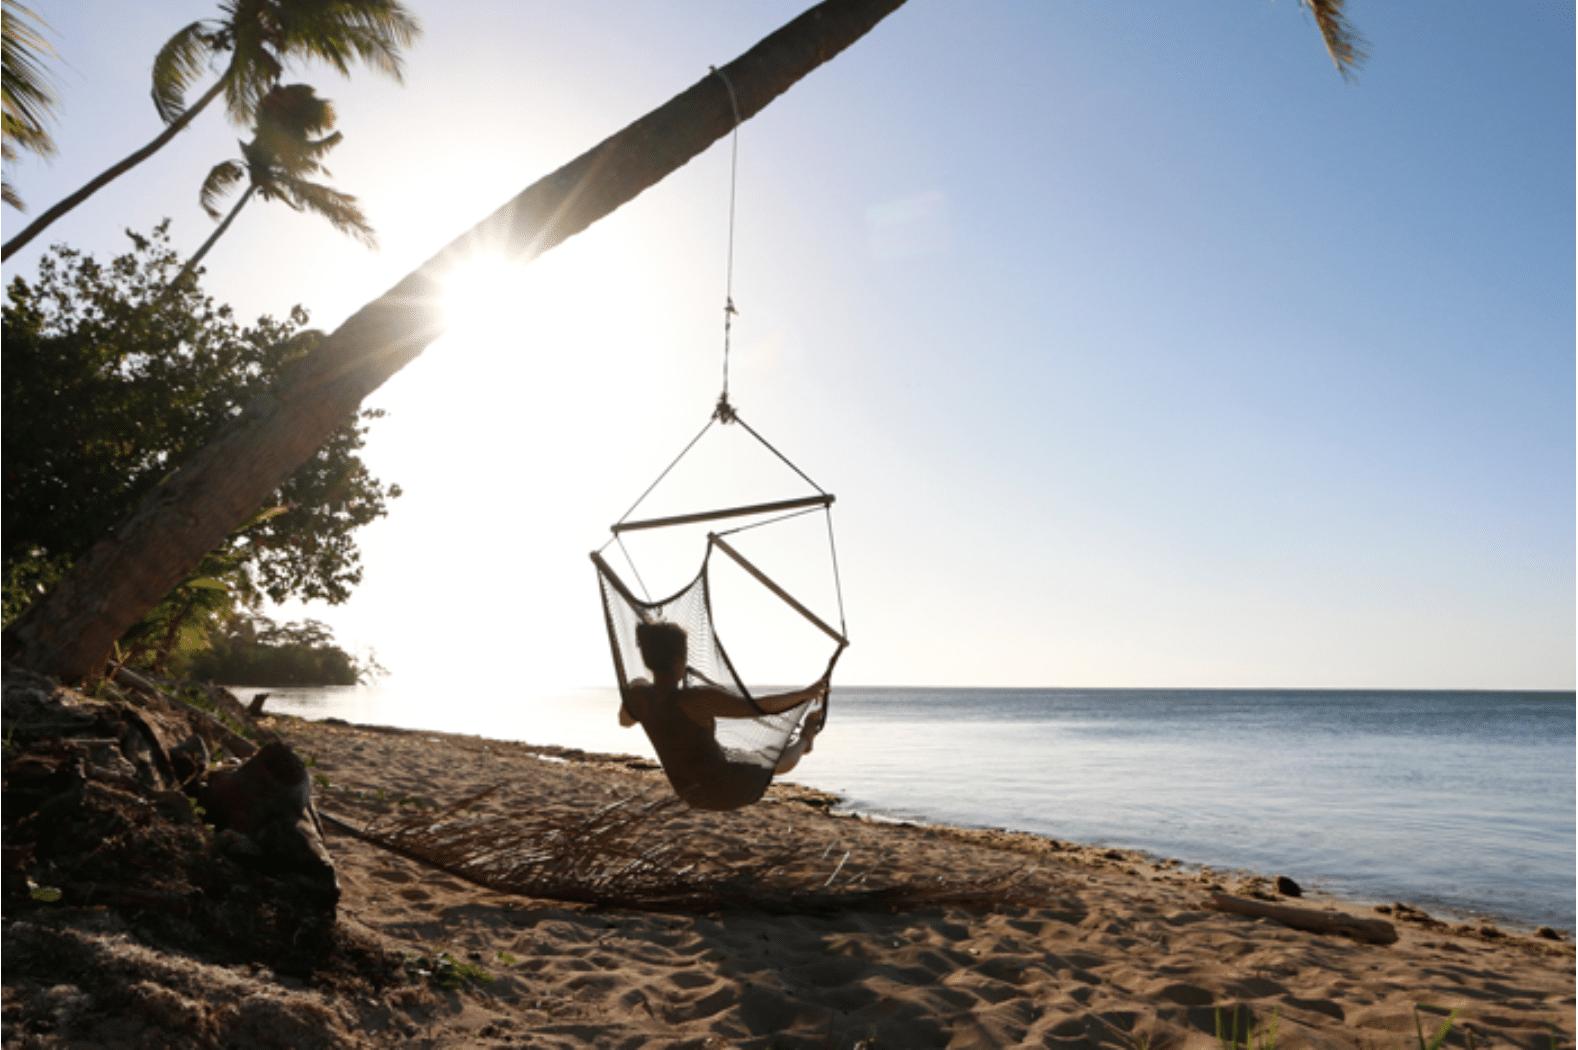 Fidschi: Hängematte, Kokosnuss und Sonnenuntergang <3